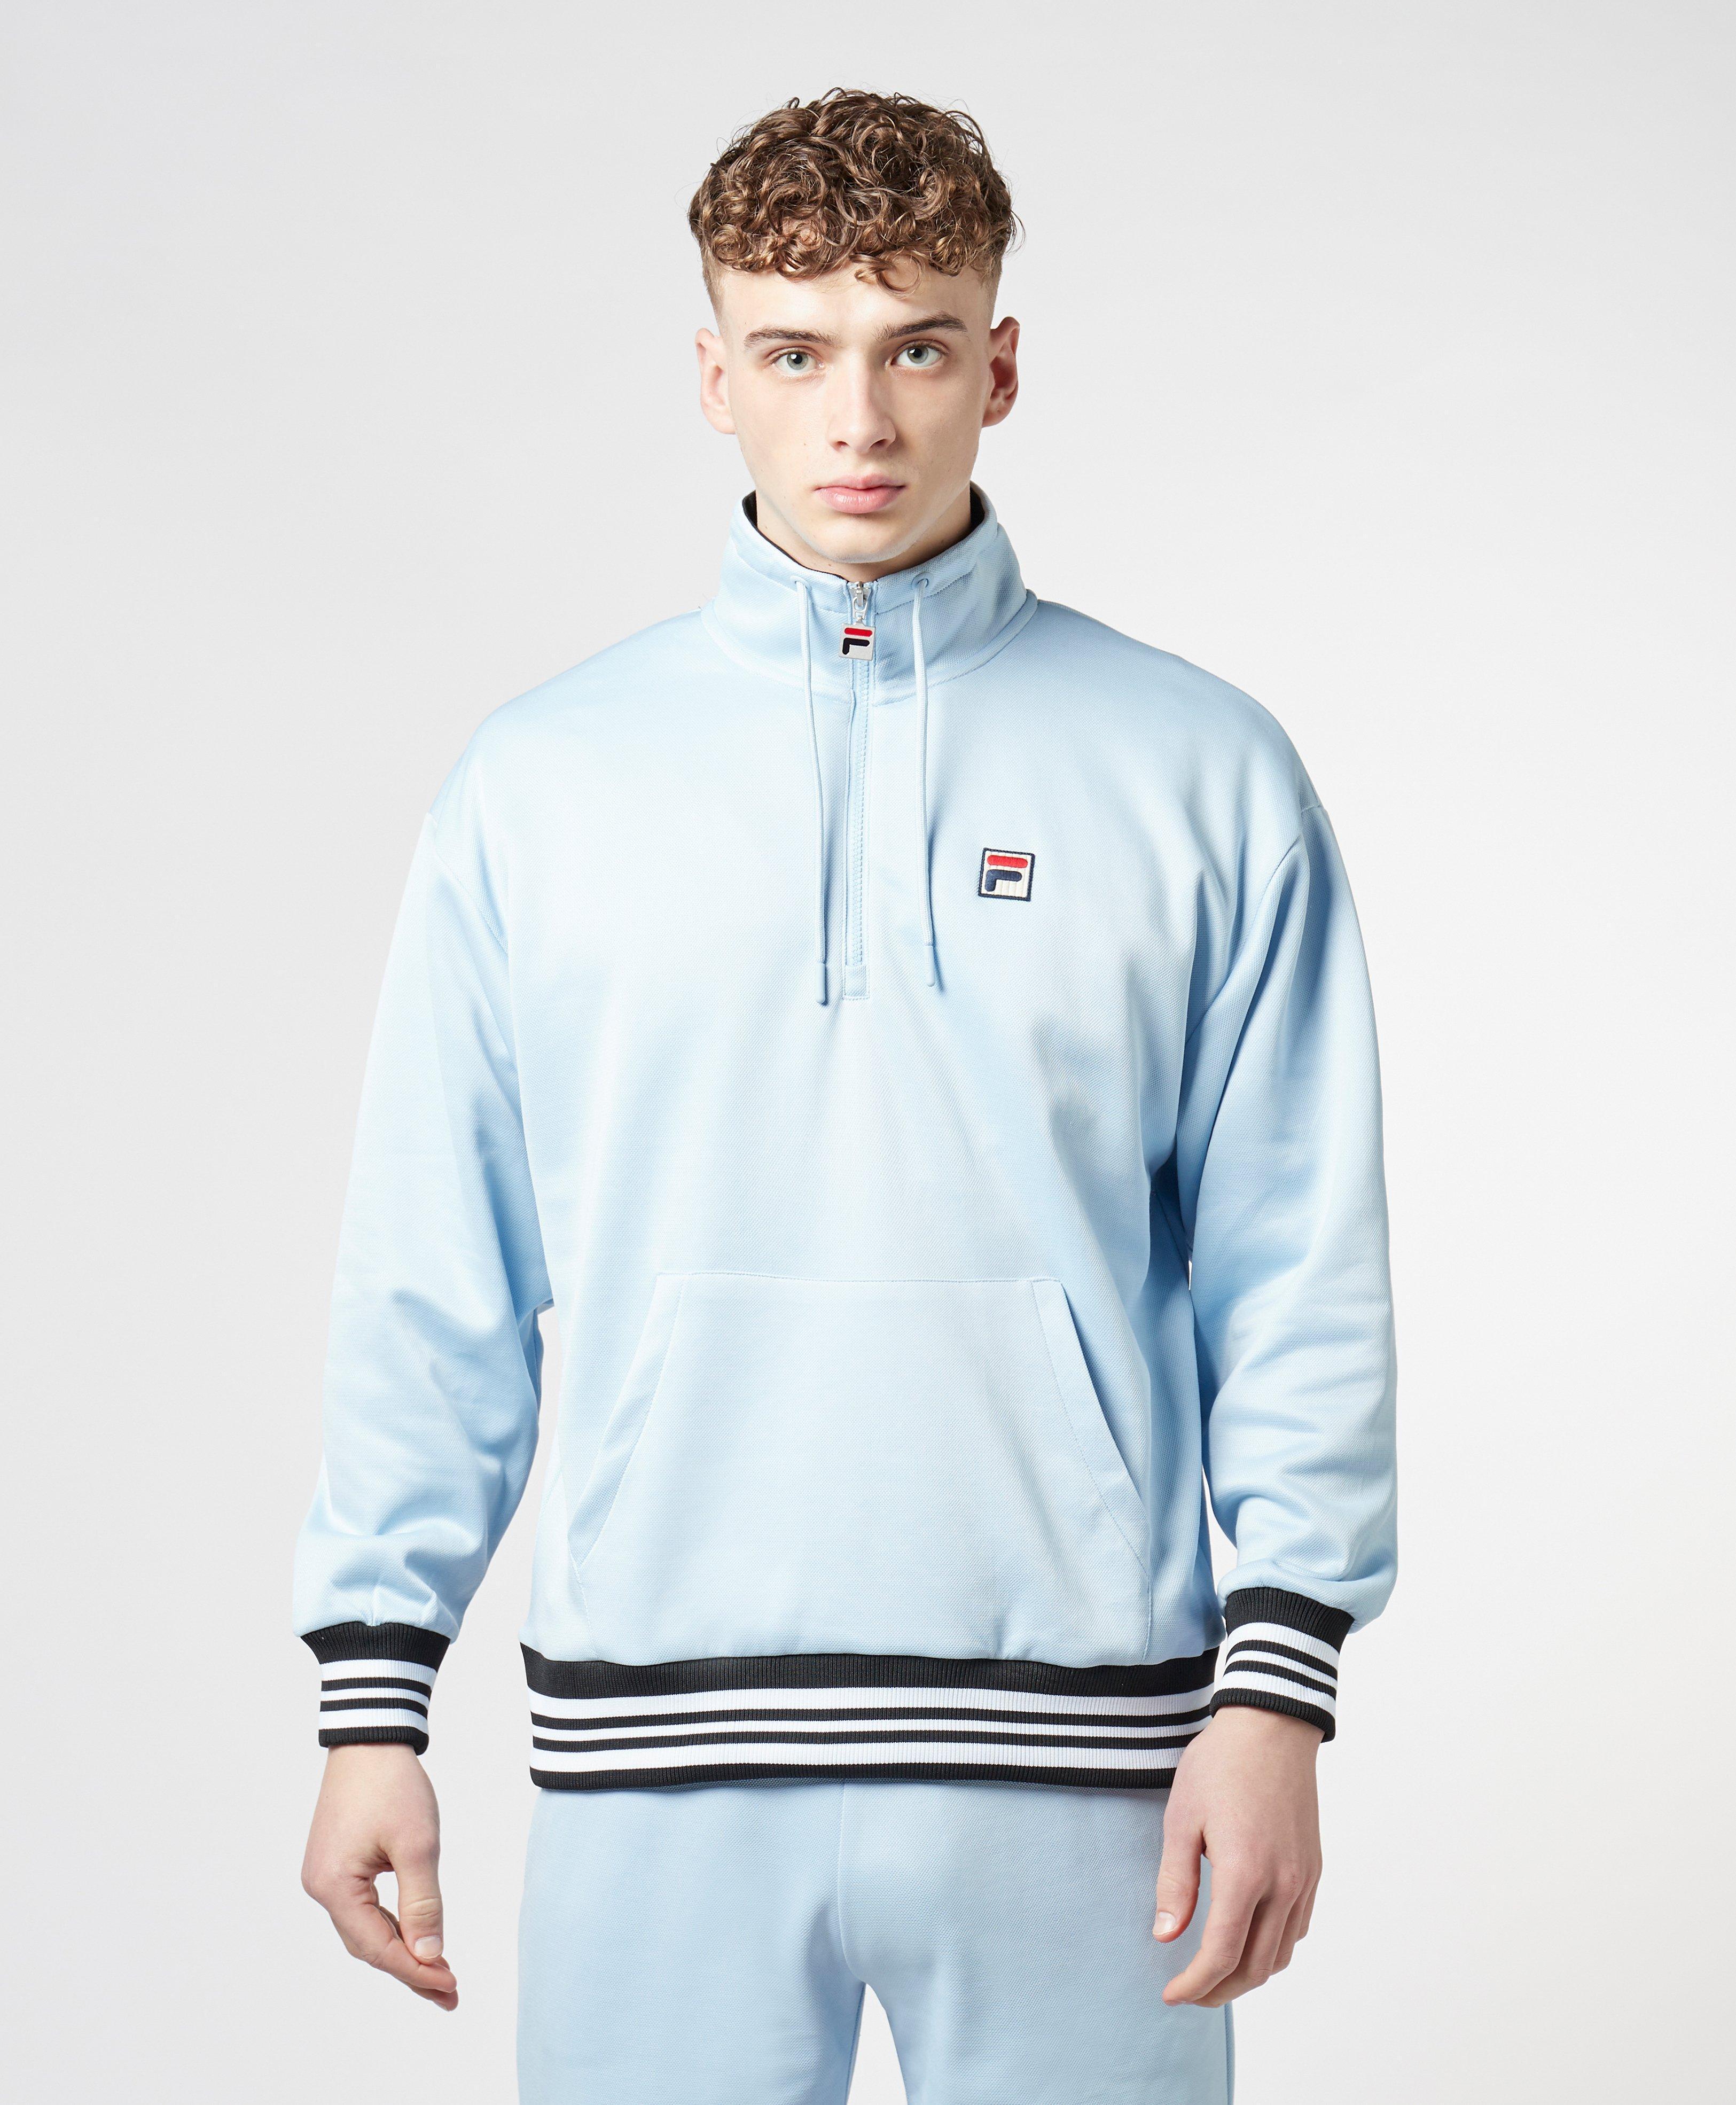 447fa42dba27 Lyst - Fila Tape Tip Half Zip Sweatshirt in Blue for Men